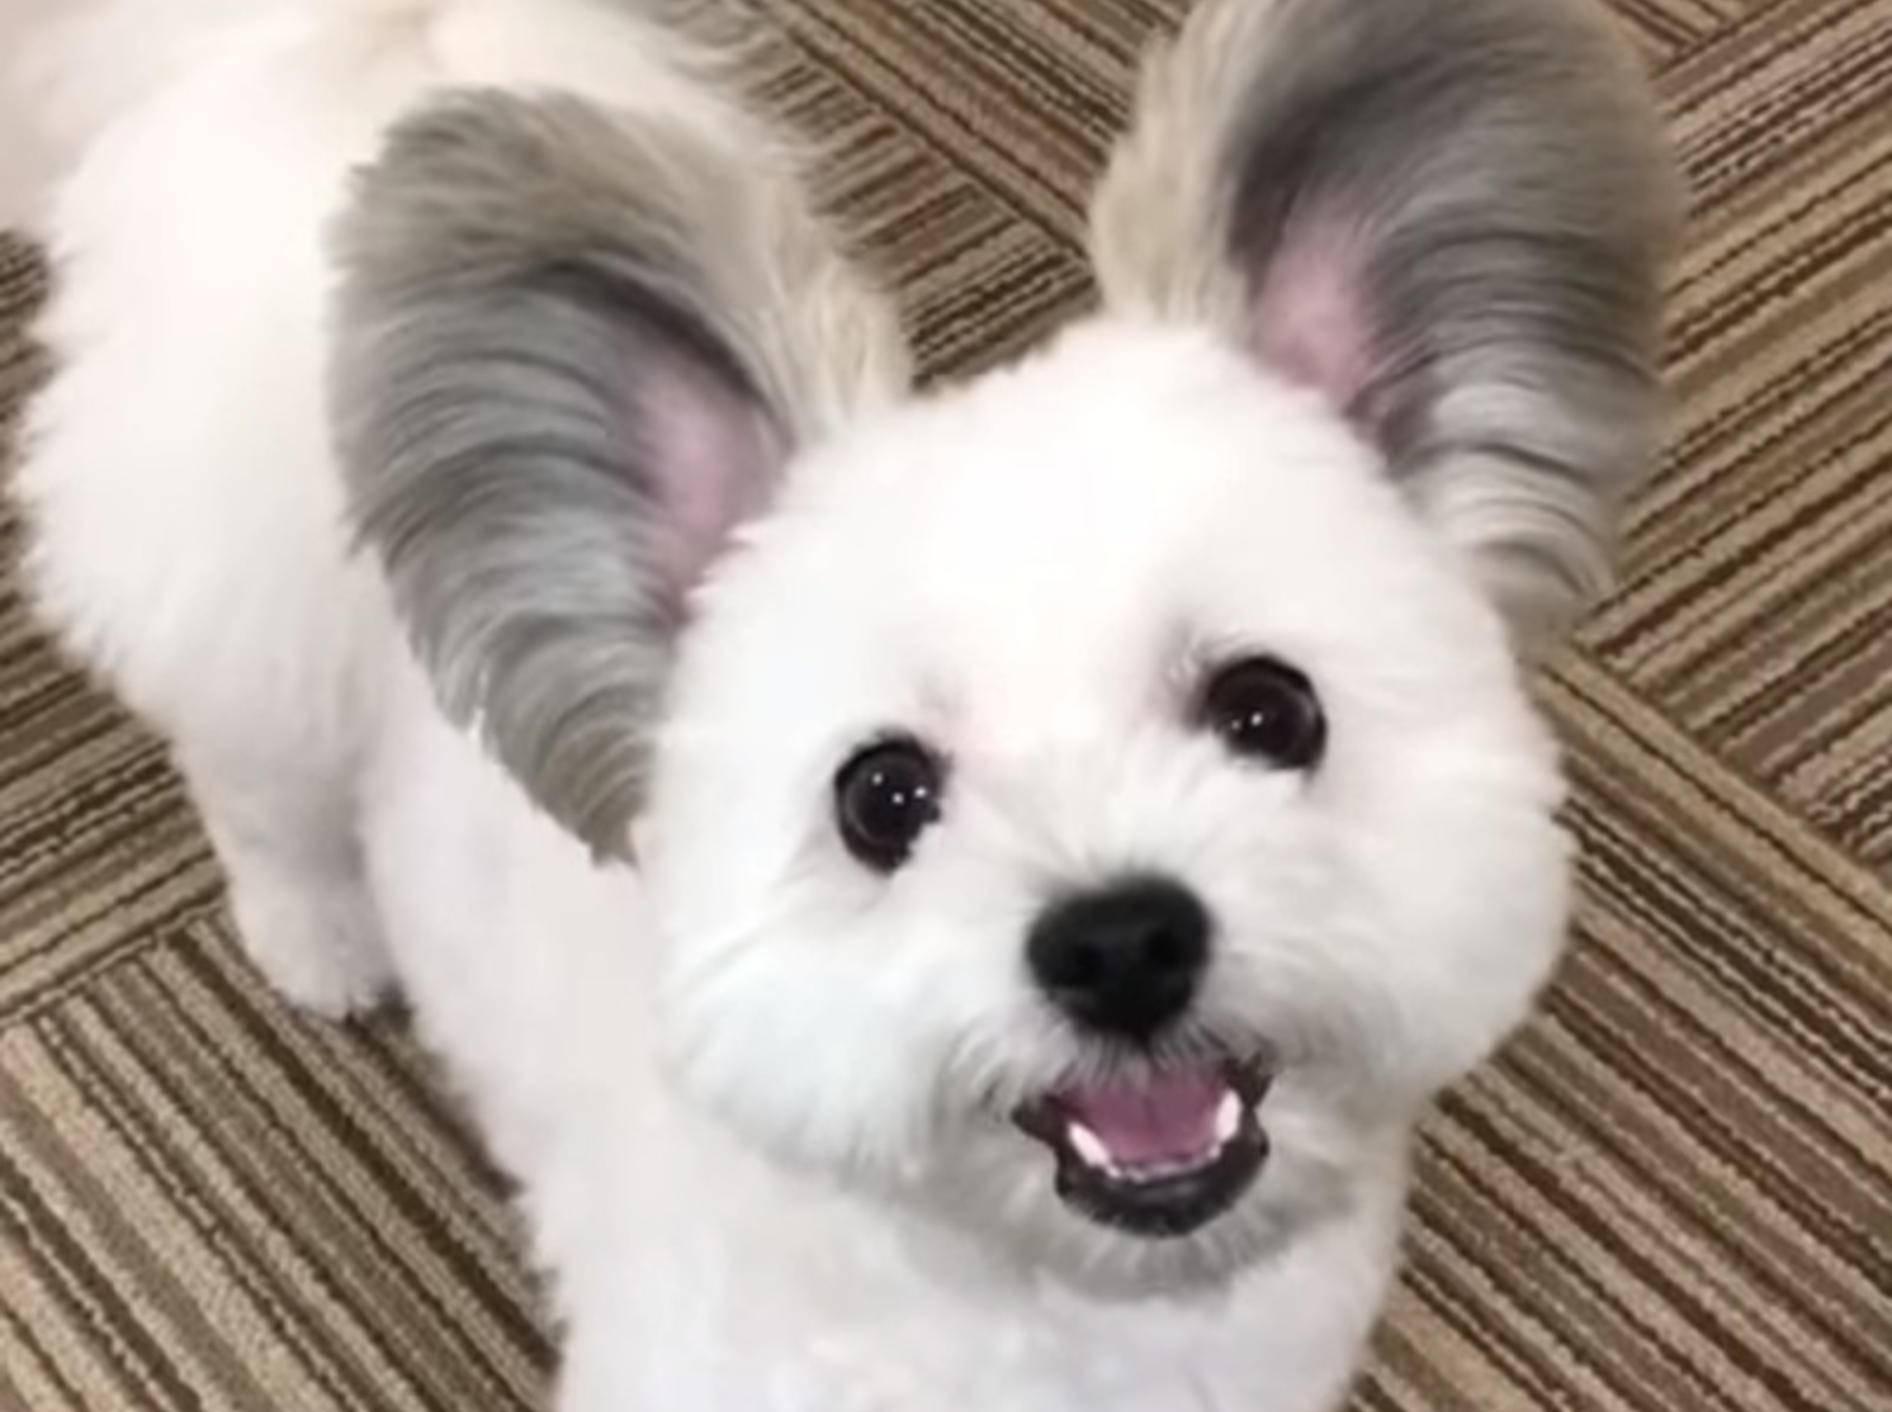 Ein Hund namens Goma begeistert mit seinen Ohren derzeit das Netz - Bild: YouTube / Strange incident